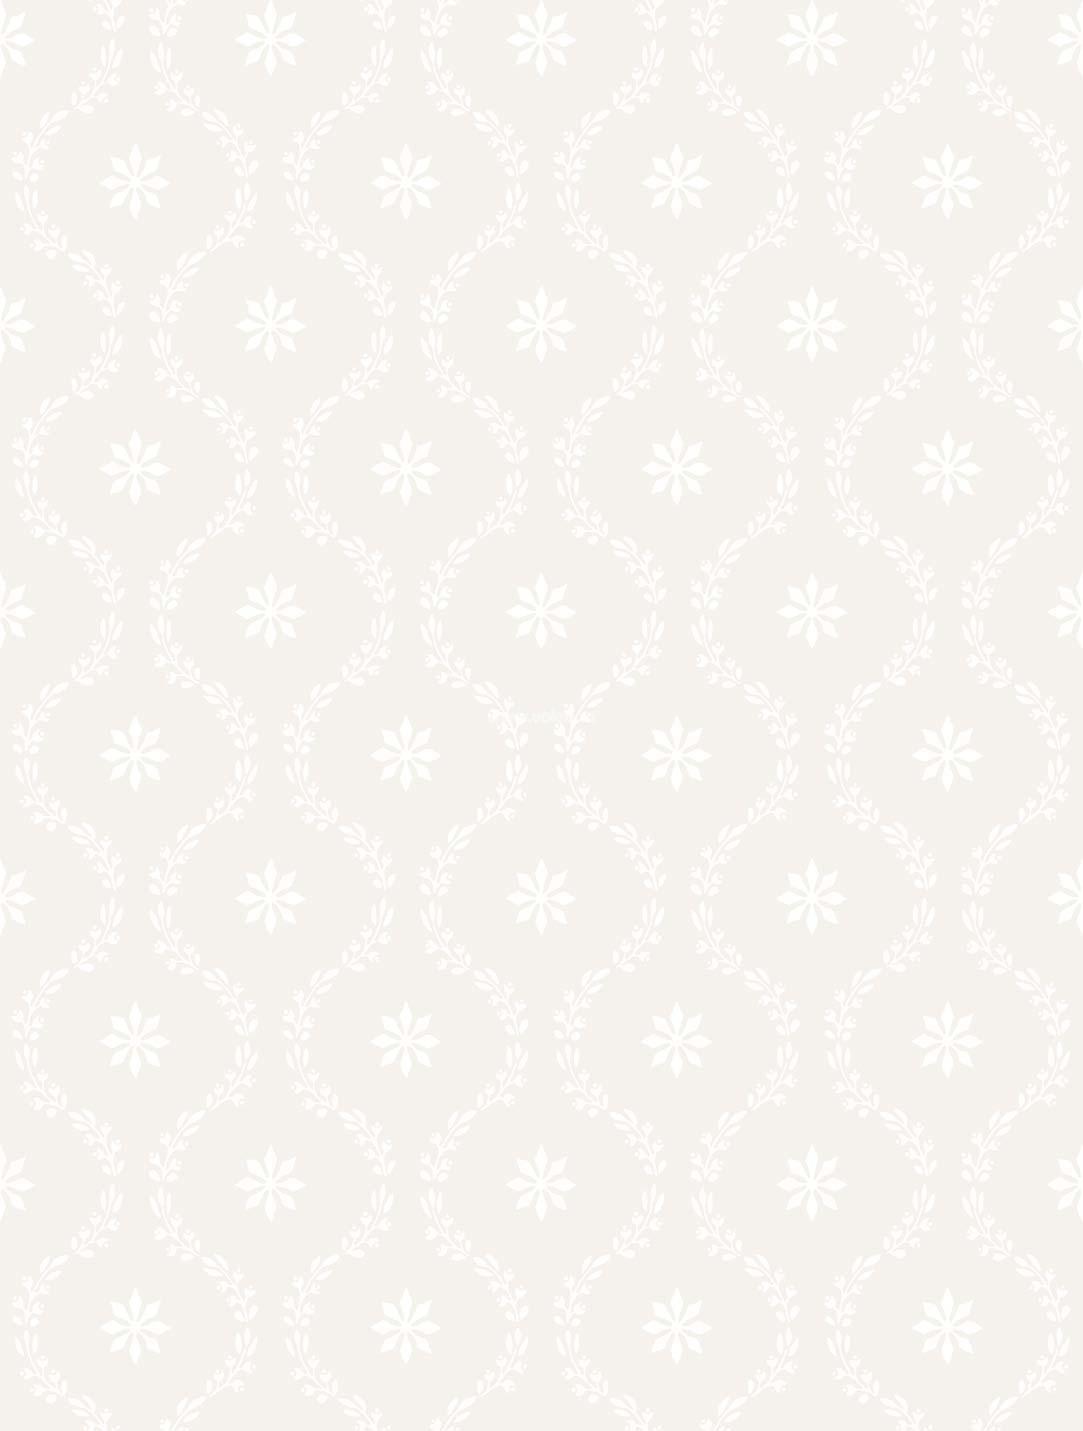 Обои Cole & Son Archive Traditional 88/3012, интернет магазин Волео